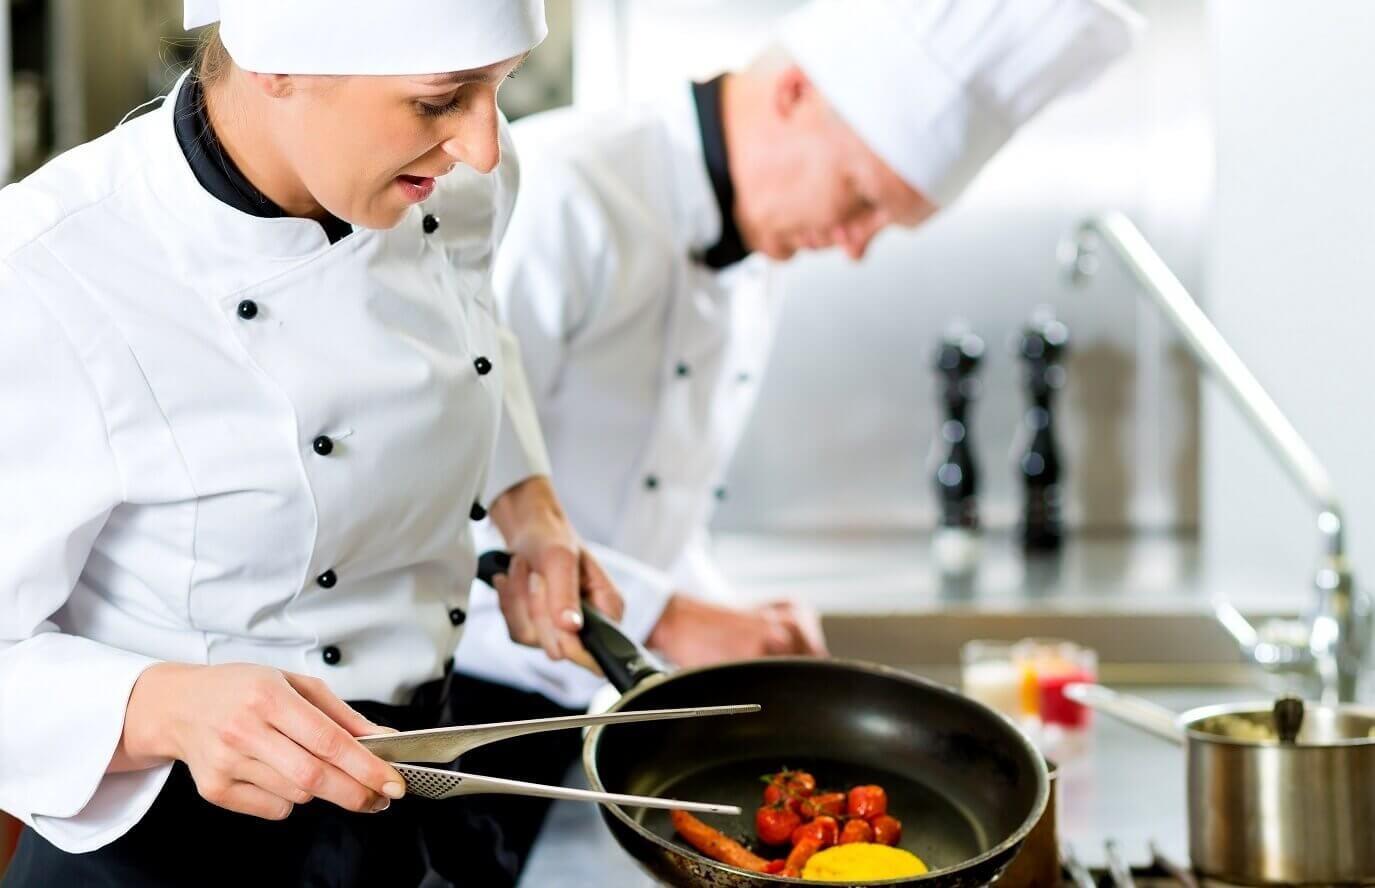 Kuchnia tajska - warsztaty kulinarne